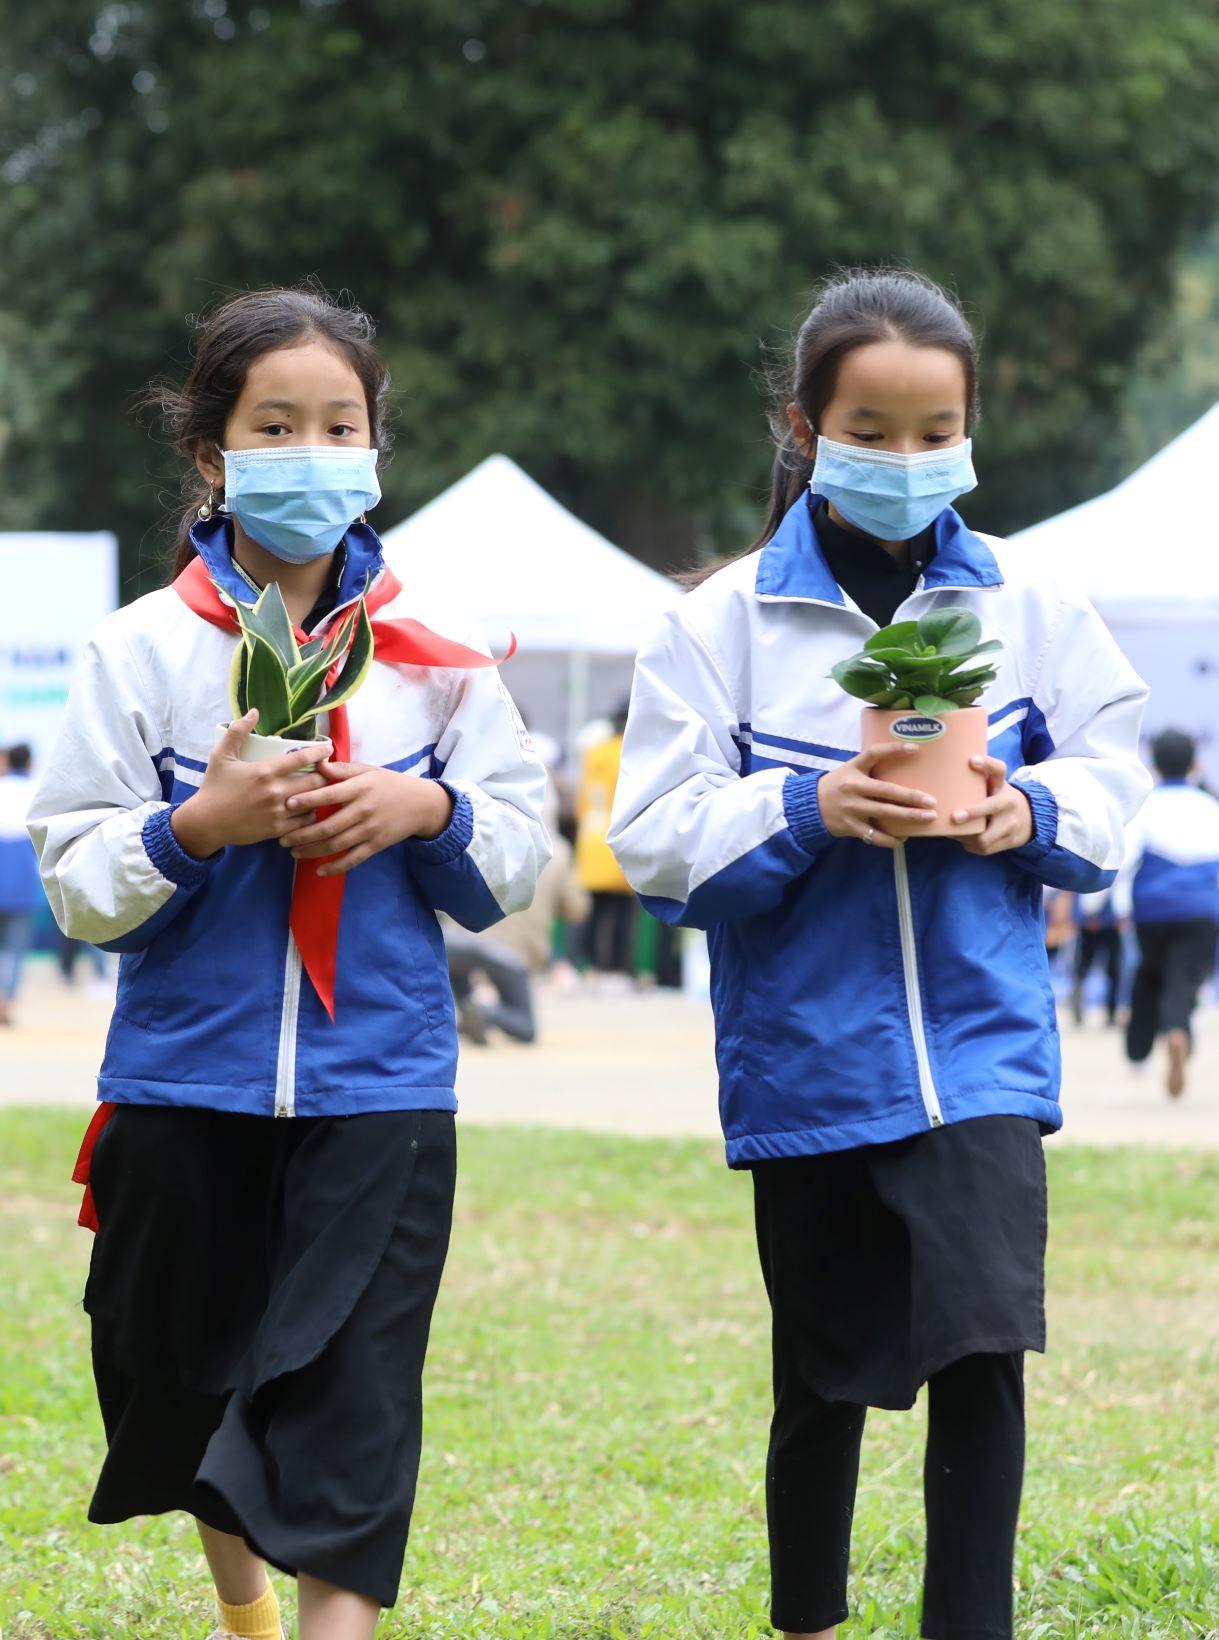 """Quỹ 1 triệu cây xanh cho Việt Nam của Vinamilk - Chương trình vì môi trường tạo được """"dấu ấn xanh"""" đặc biệt với cộng đồng 14"""